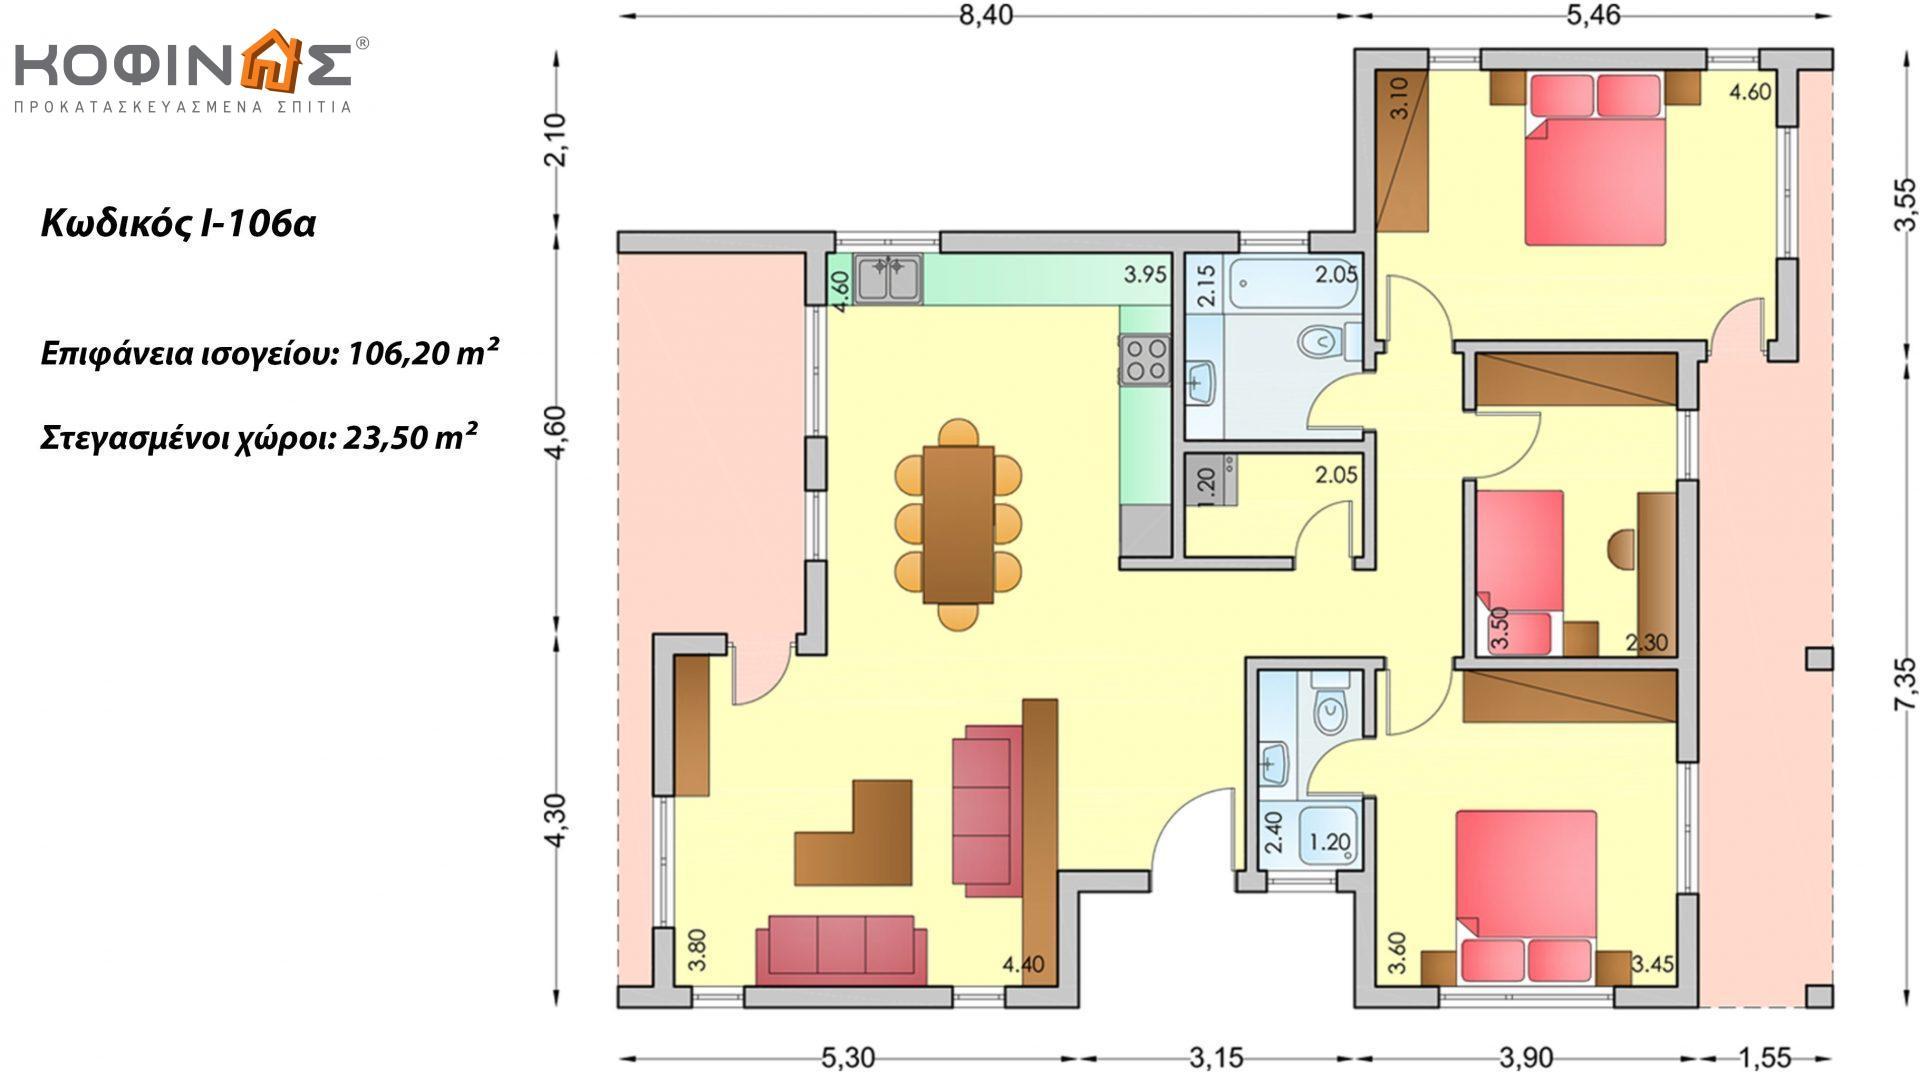 Ισόγεια Κατοικία I-106a συνολικής επιφάνειας 106,20 τ.μ., στεγασμένοι χώροι 23,50 τ.μ